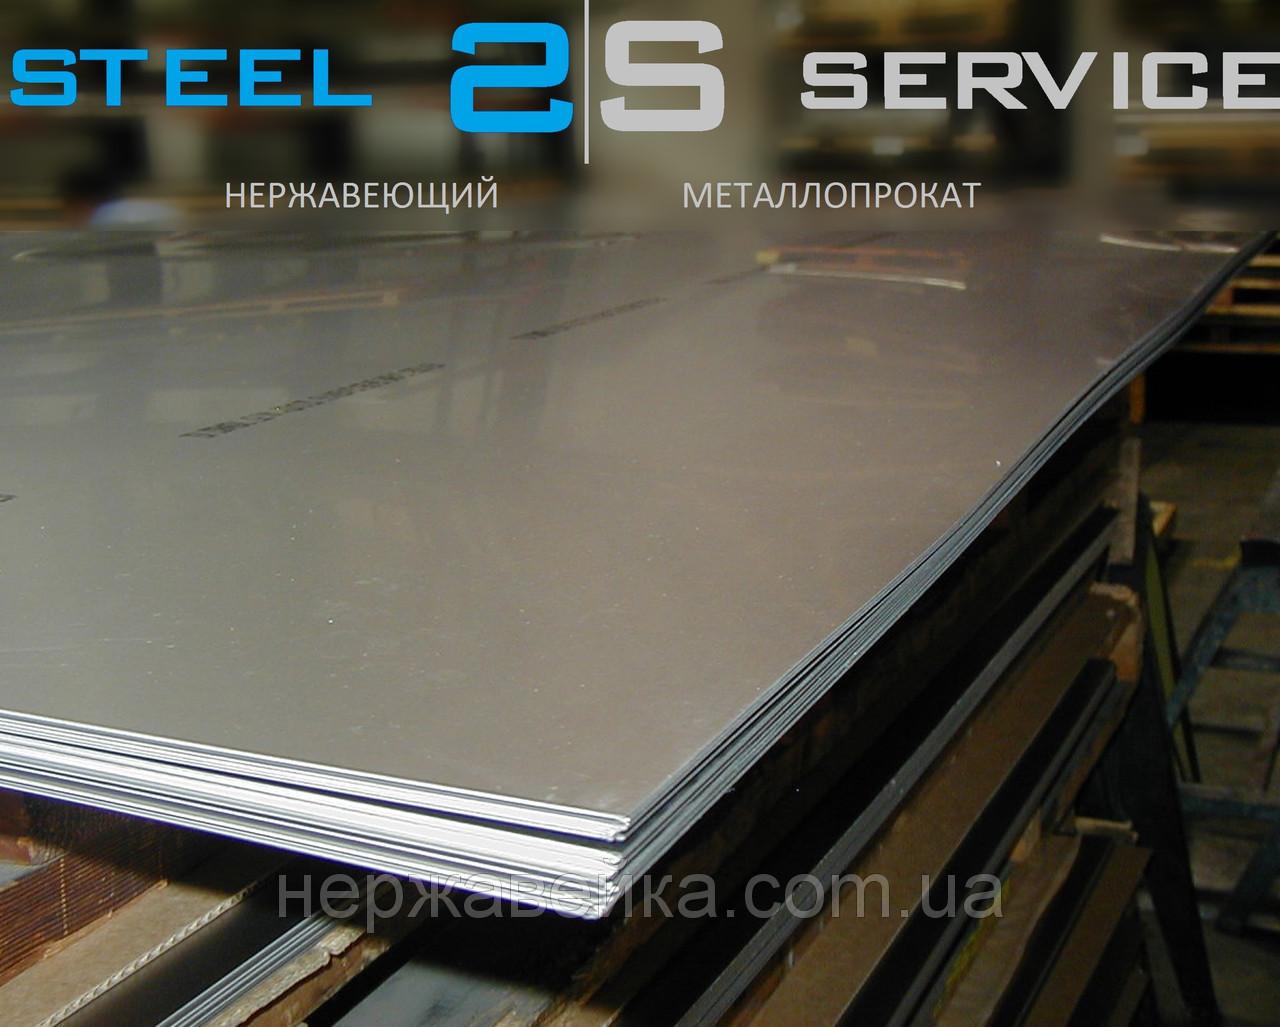 Нержавейка лист 10х1500х3000мм  AISI 309(20Х23Н13, 20Х20Н14С2) F1 - горячекатанный,  жаропрочный